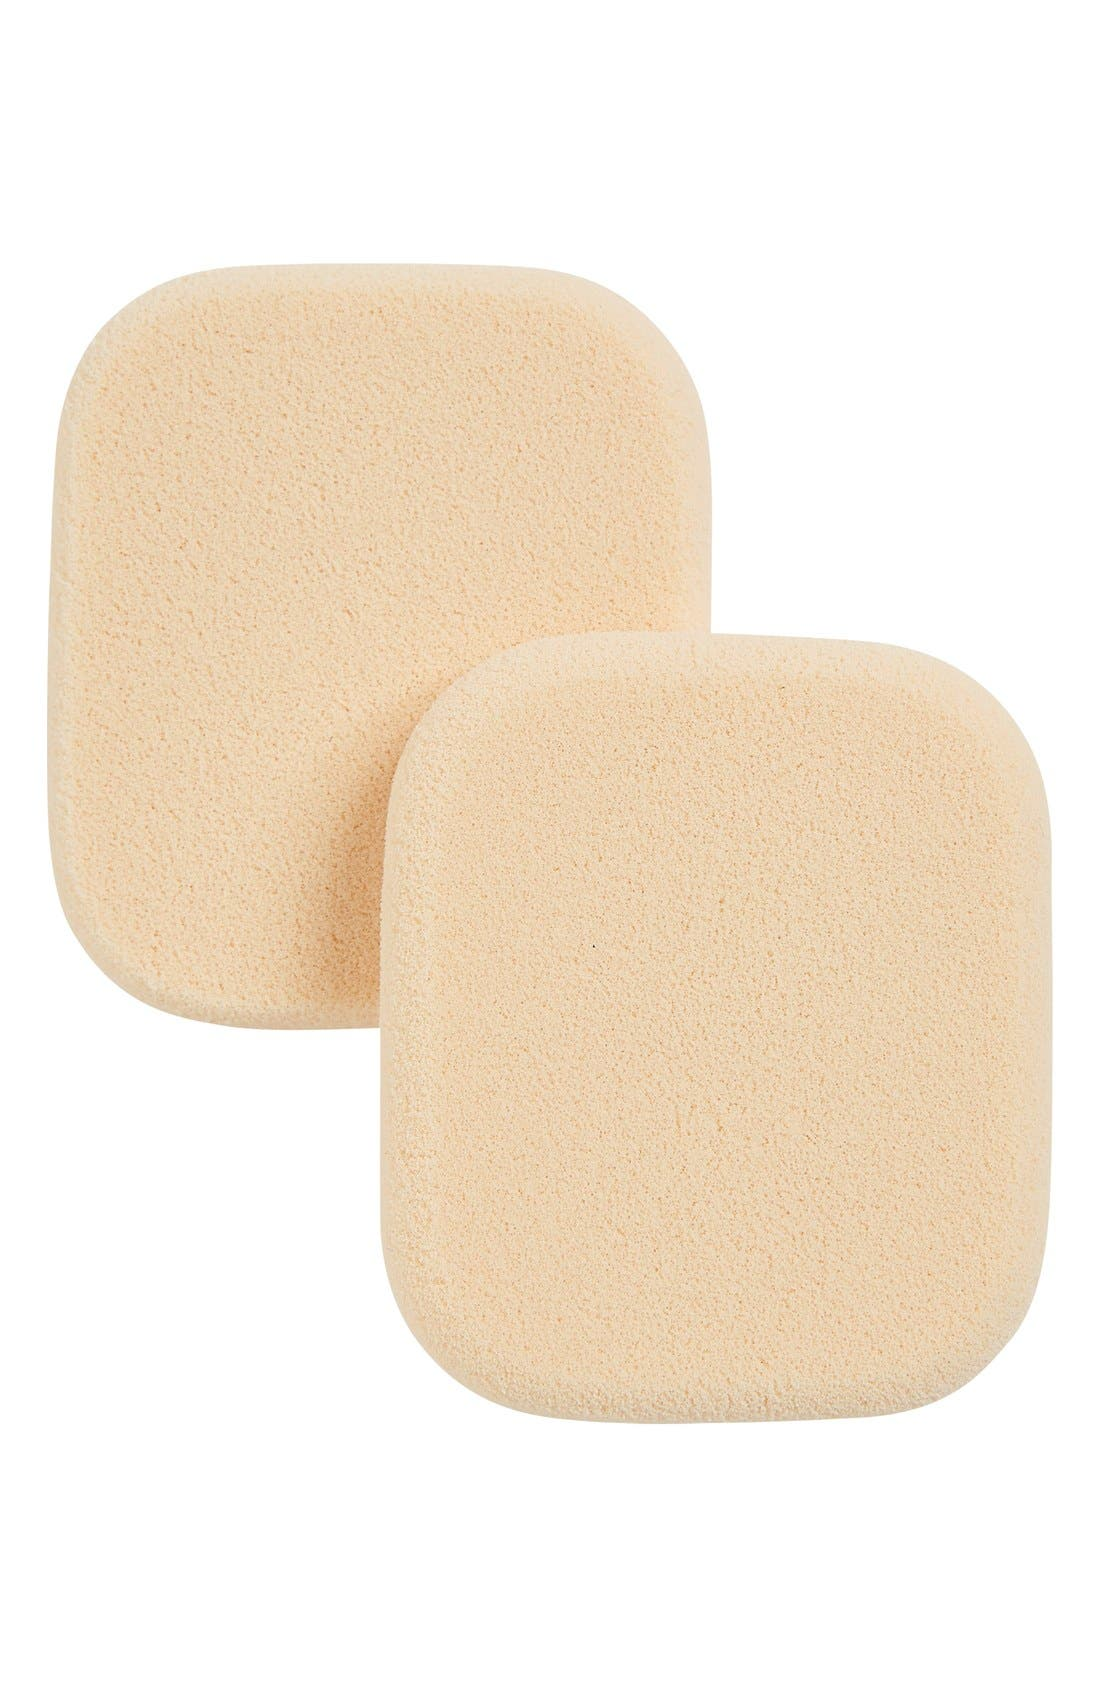 Radiant Powder Foundation Sponge,                             Main thumbnail 1, color,                             NO COLOR